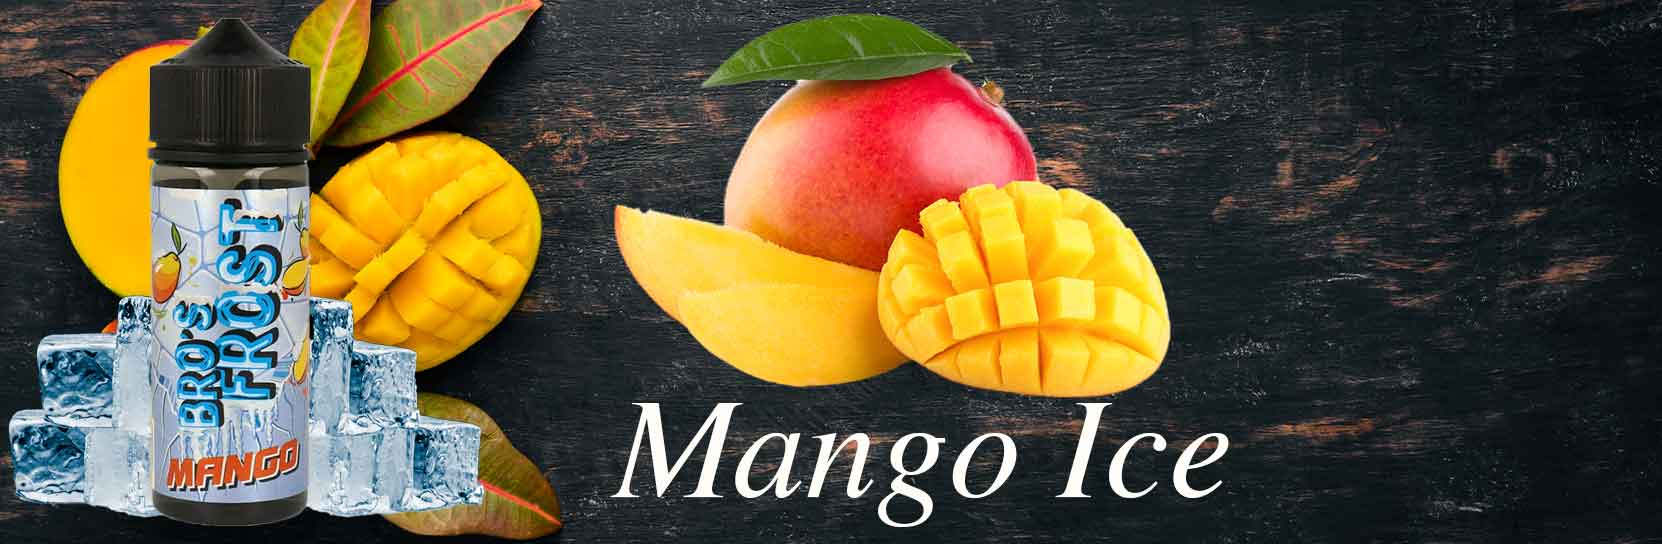 Bro-s-Frost-Mango-Ice-Banner0hhM6Eum51tm3